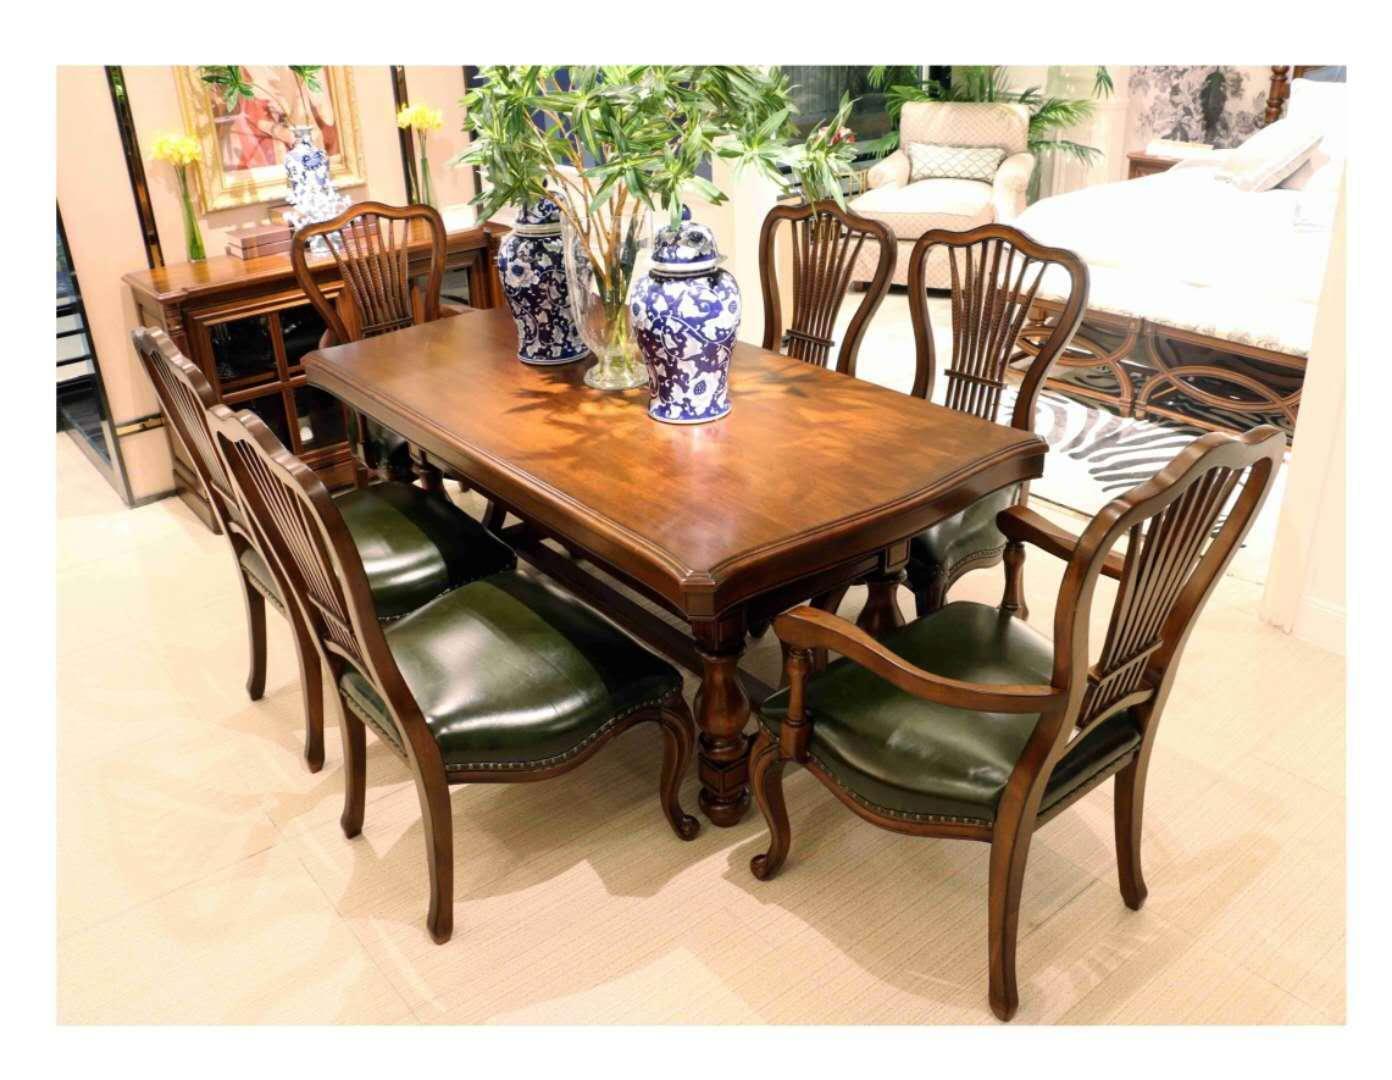 博尔塔拉板木家具哪有卖的,家具